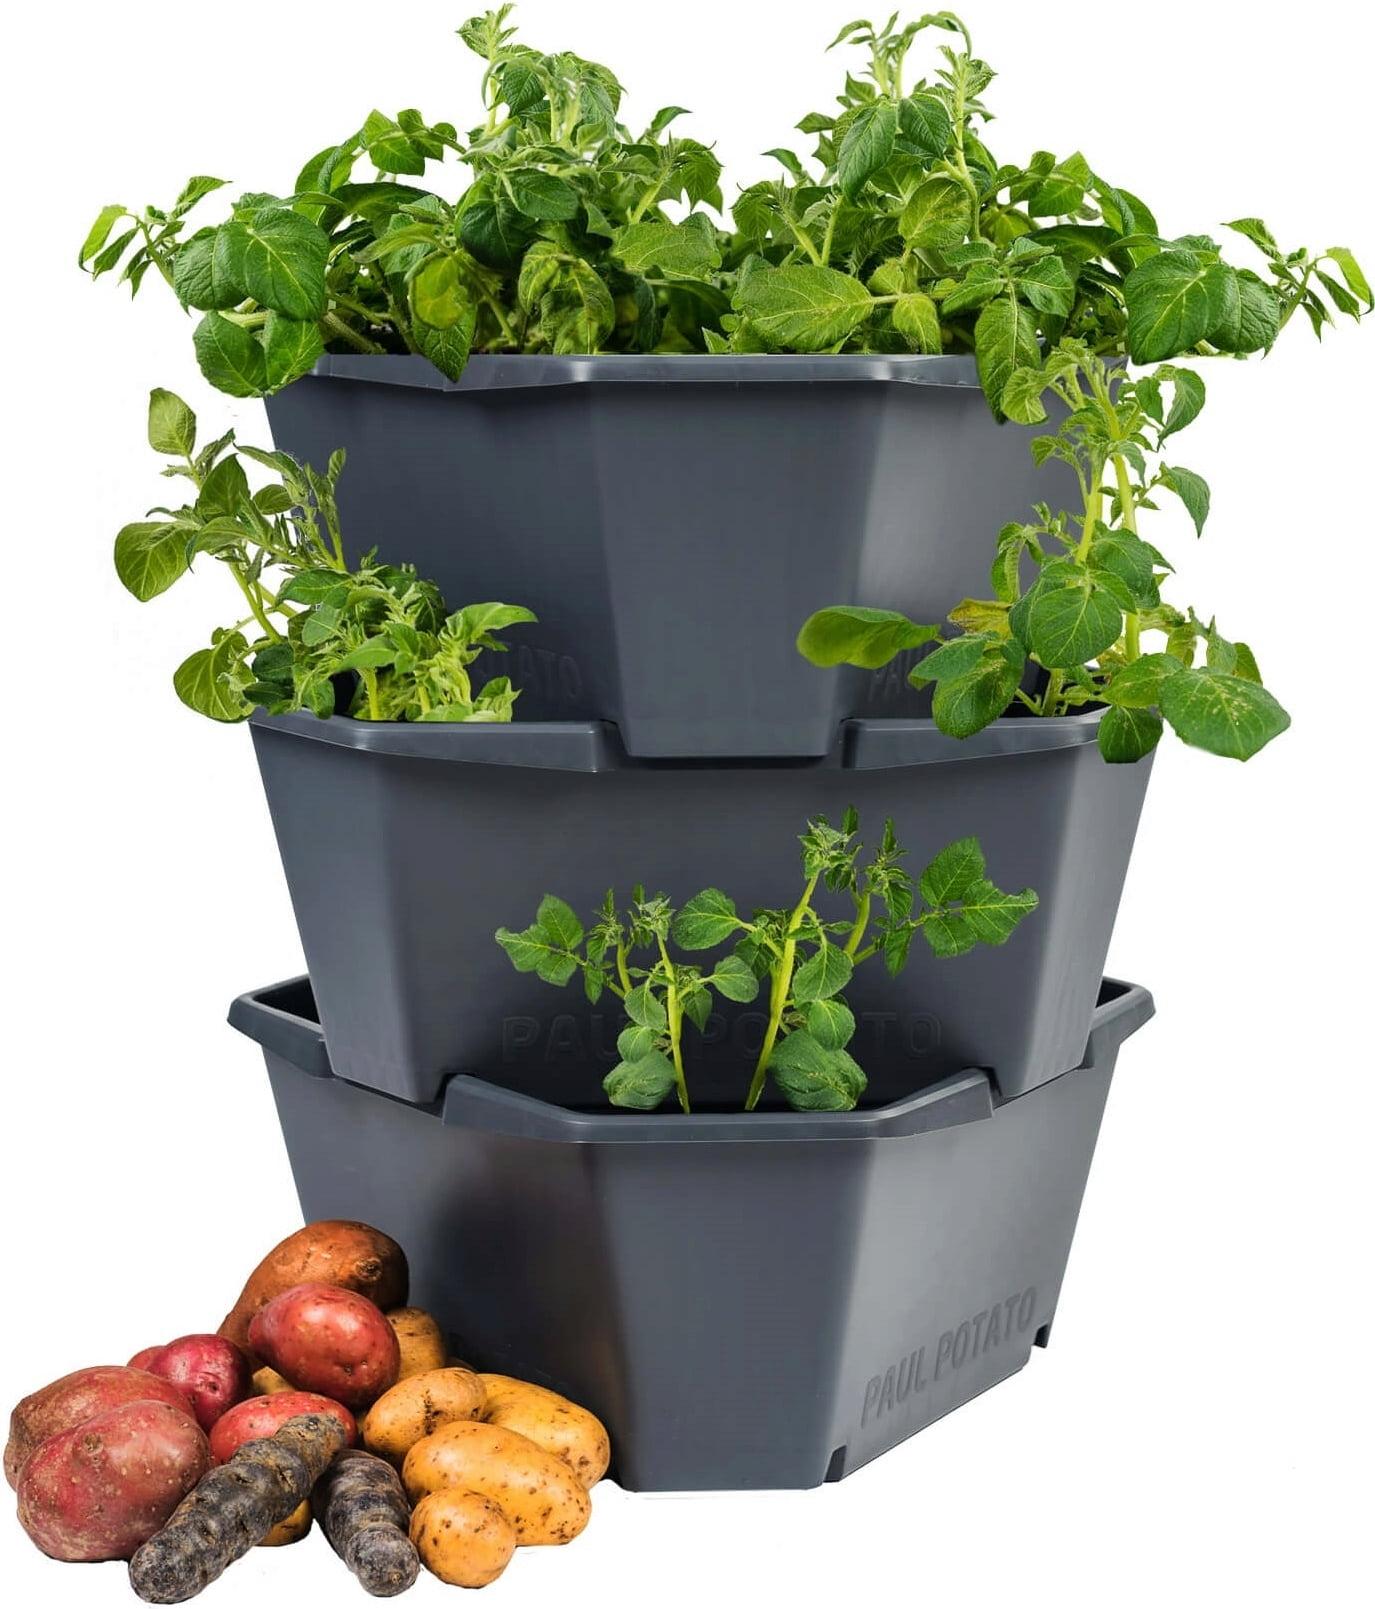 Nádoba na pěstování brambor, 3 patra